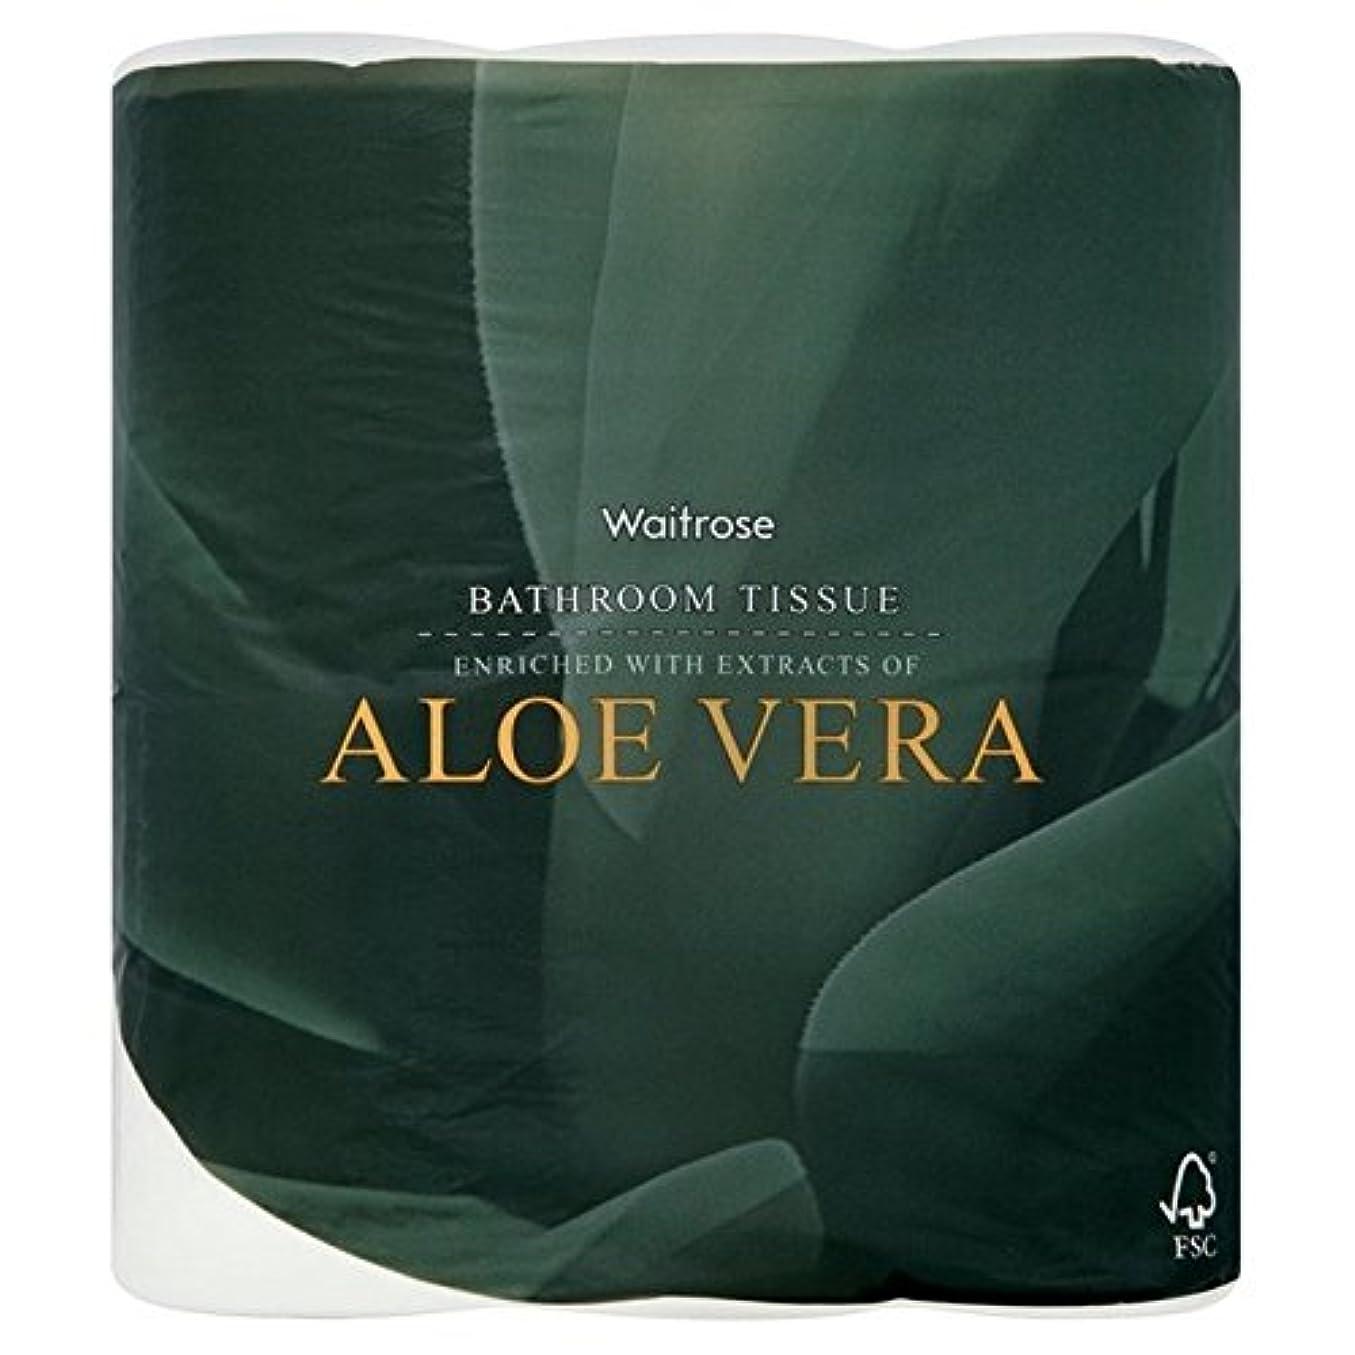 プレビスサイト時期尚早ドロップパックあたりアロエベラ浴室組織白ウェイトローズ4 x2 - Aloe Vera Bathroom Tissue White Waitrose 4 per pack (Pack of 2) [並行輸入品]